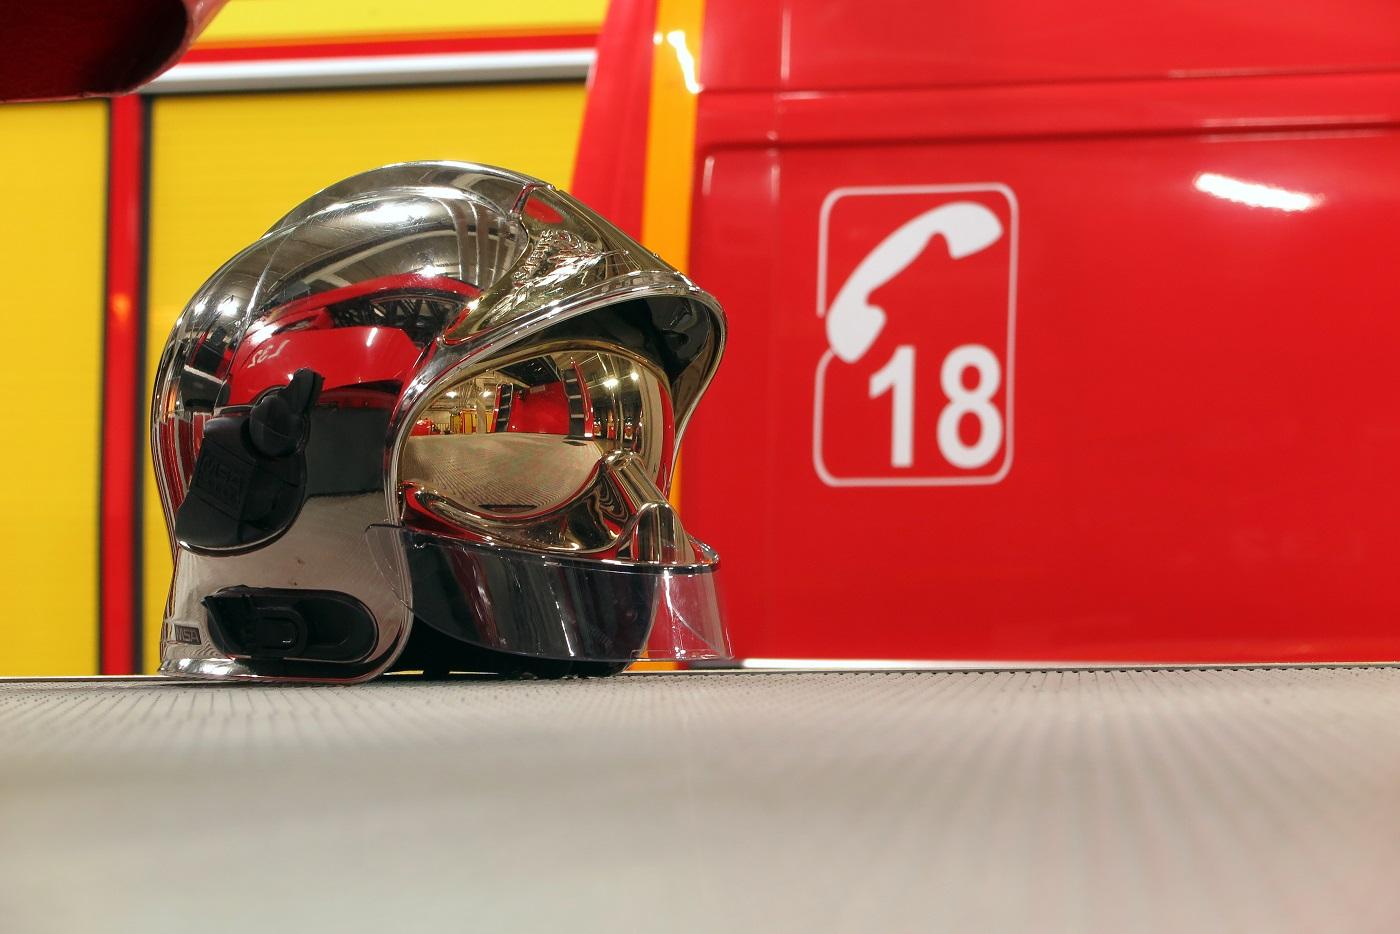 Les sapeurs-pompiers ont éteint le feu au moyen d'une lance - lustration © Adobe